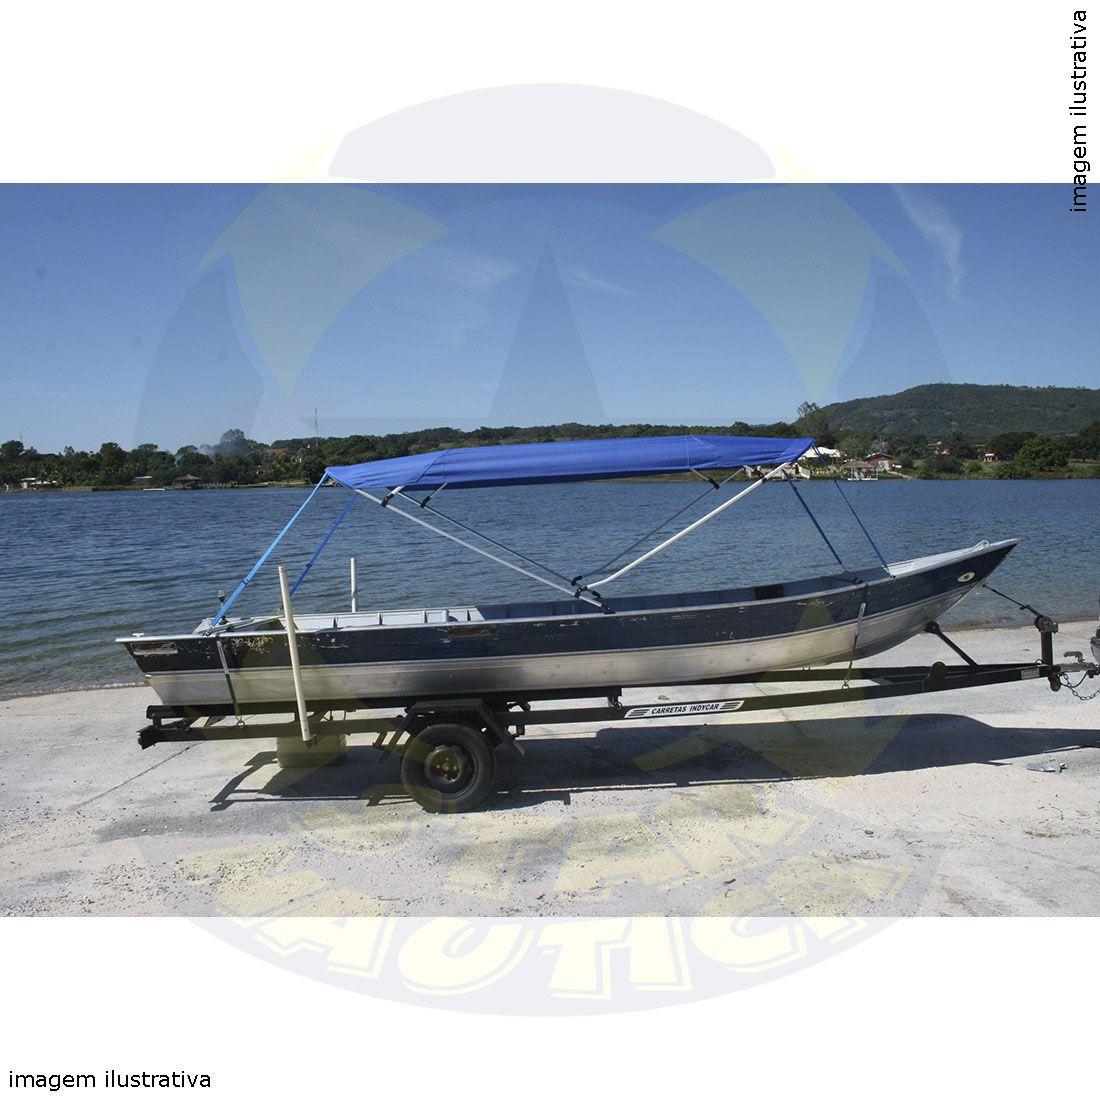 Capota Toldo Barco Aruak 600 Poliéster 4 Arcos Tubo 1 1/4